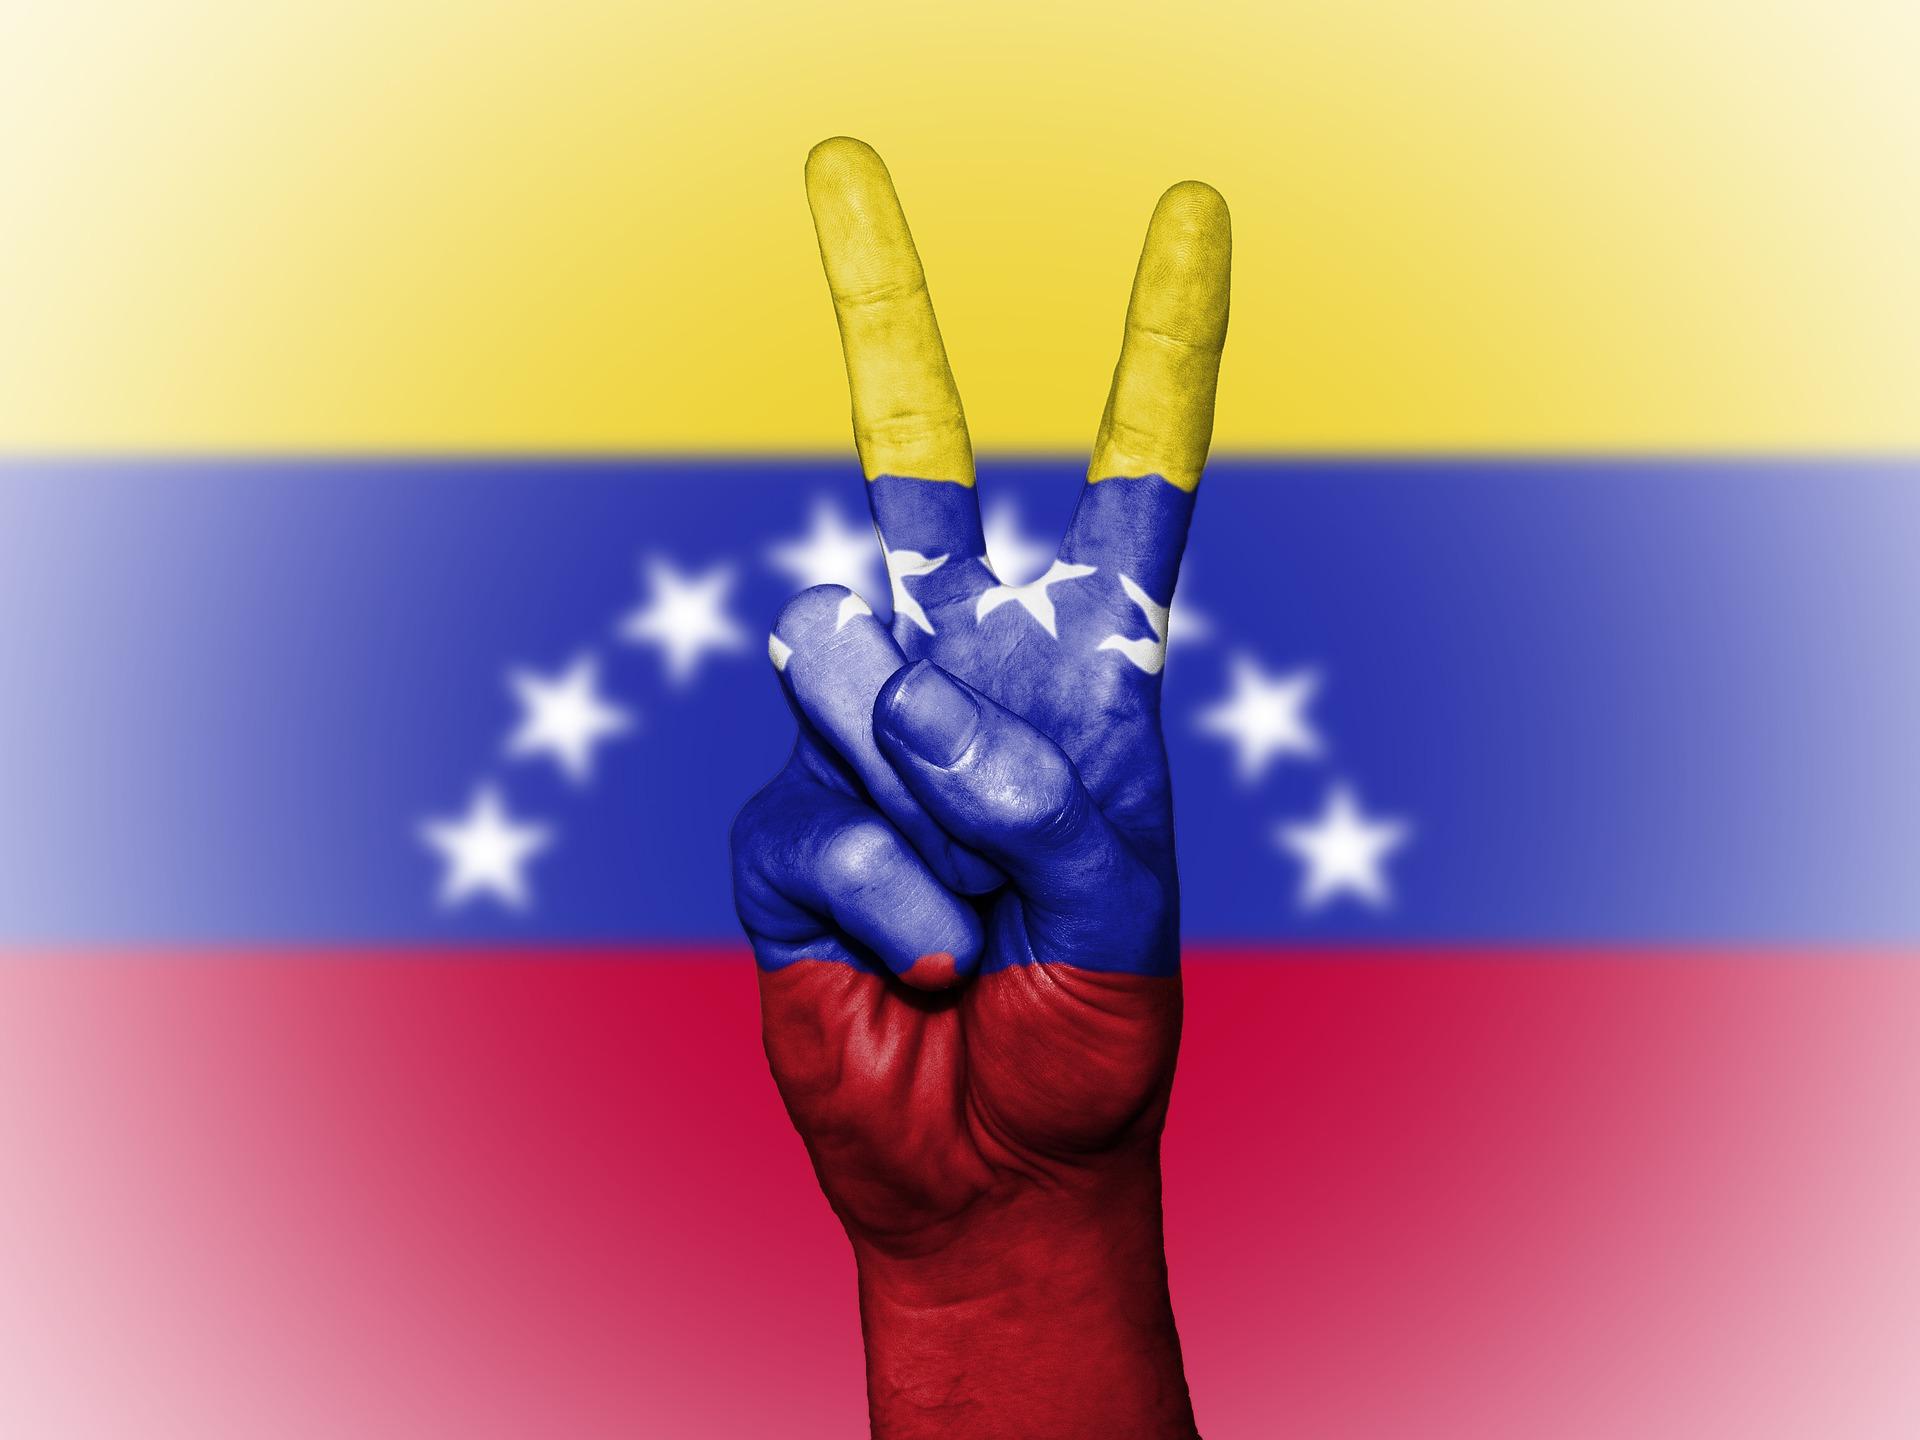 venezuela-2132693_1920